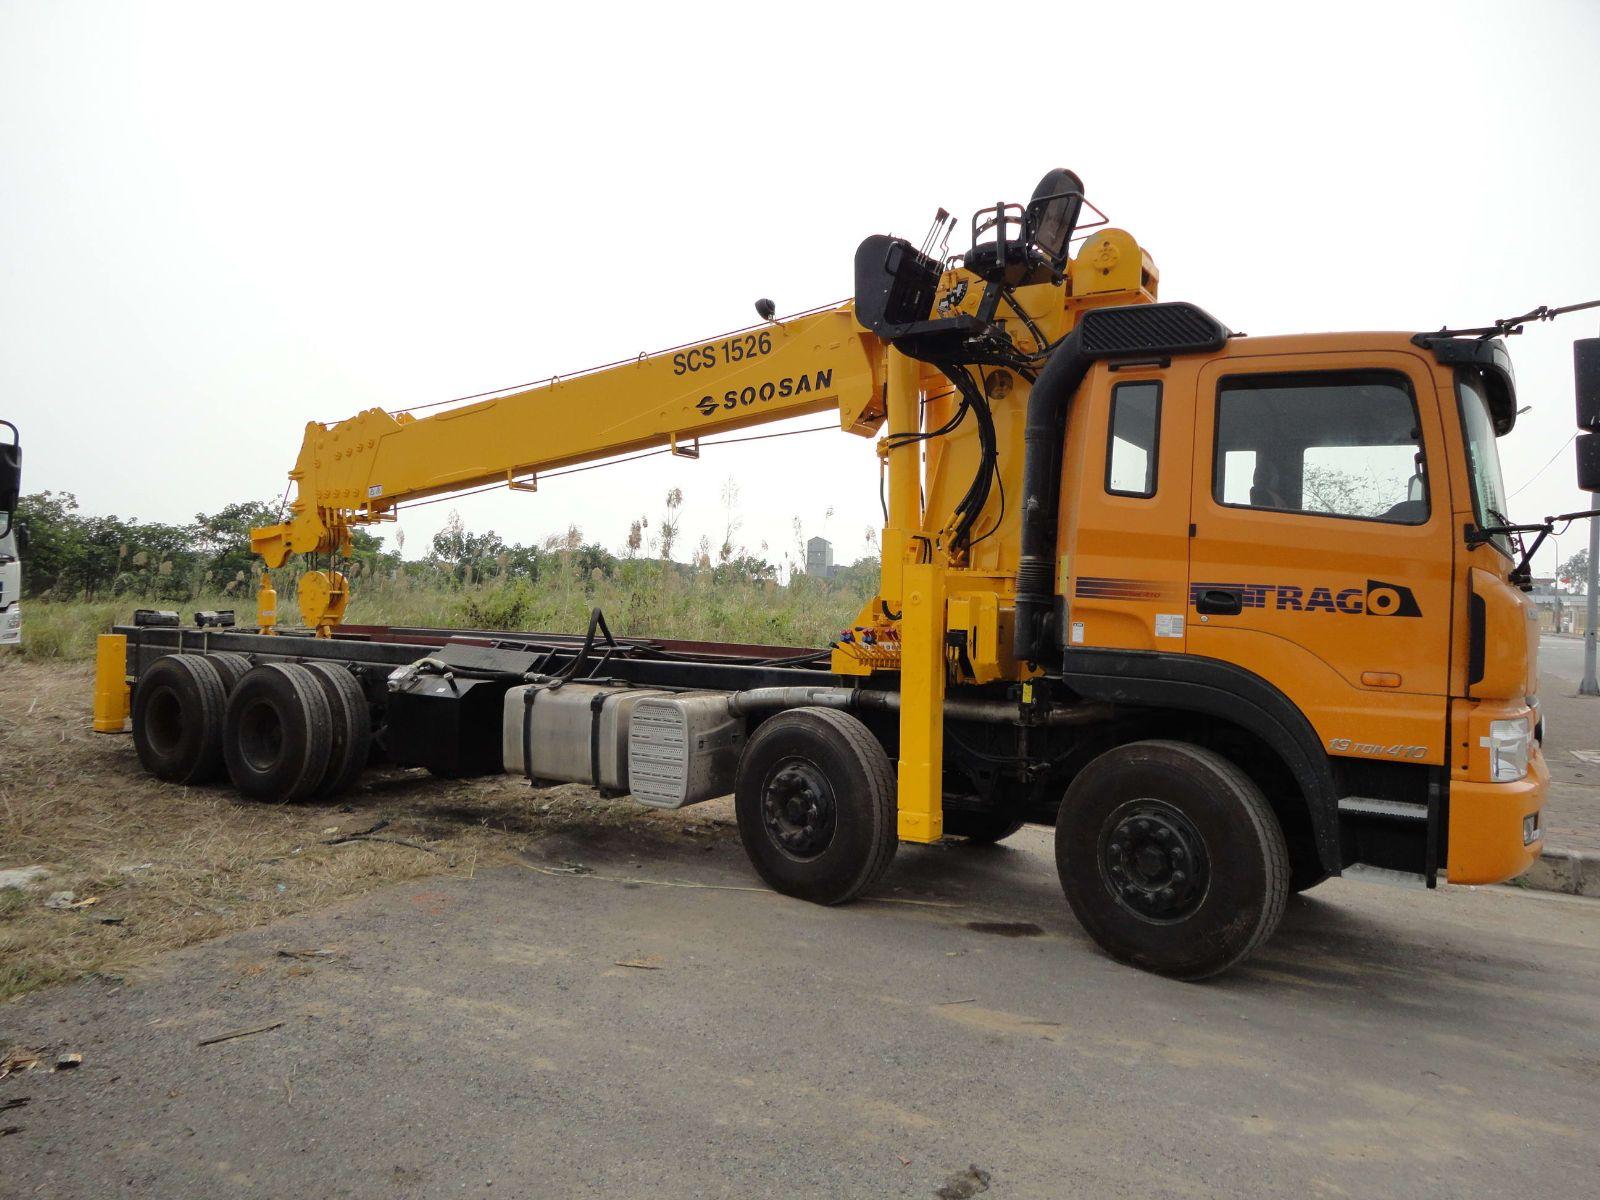 xe cẩu tự hành 12 tấn